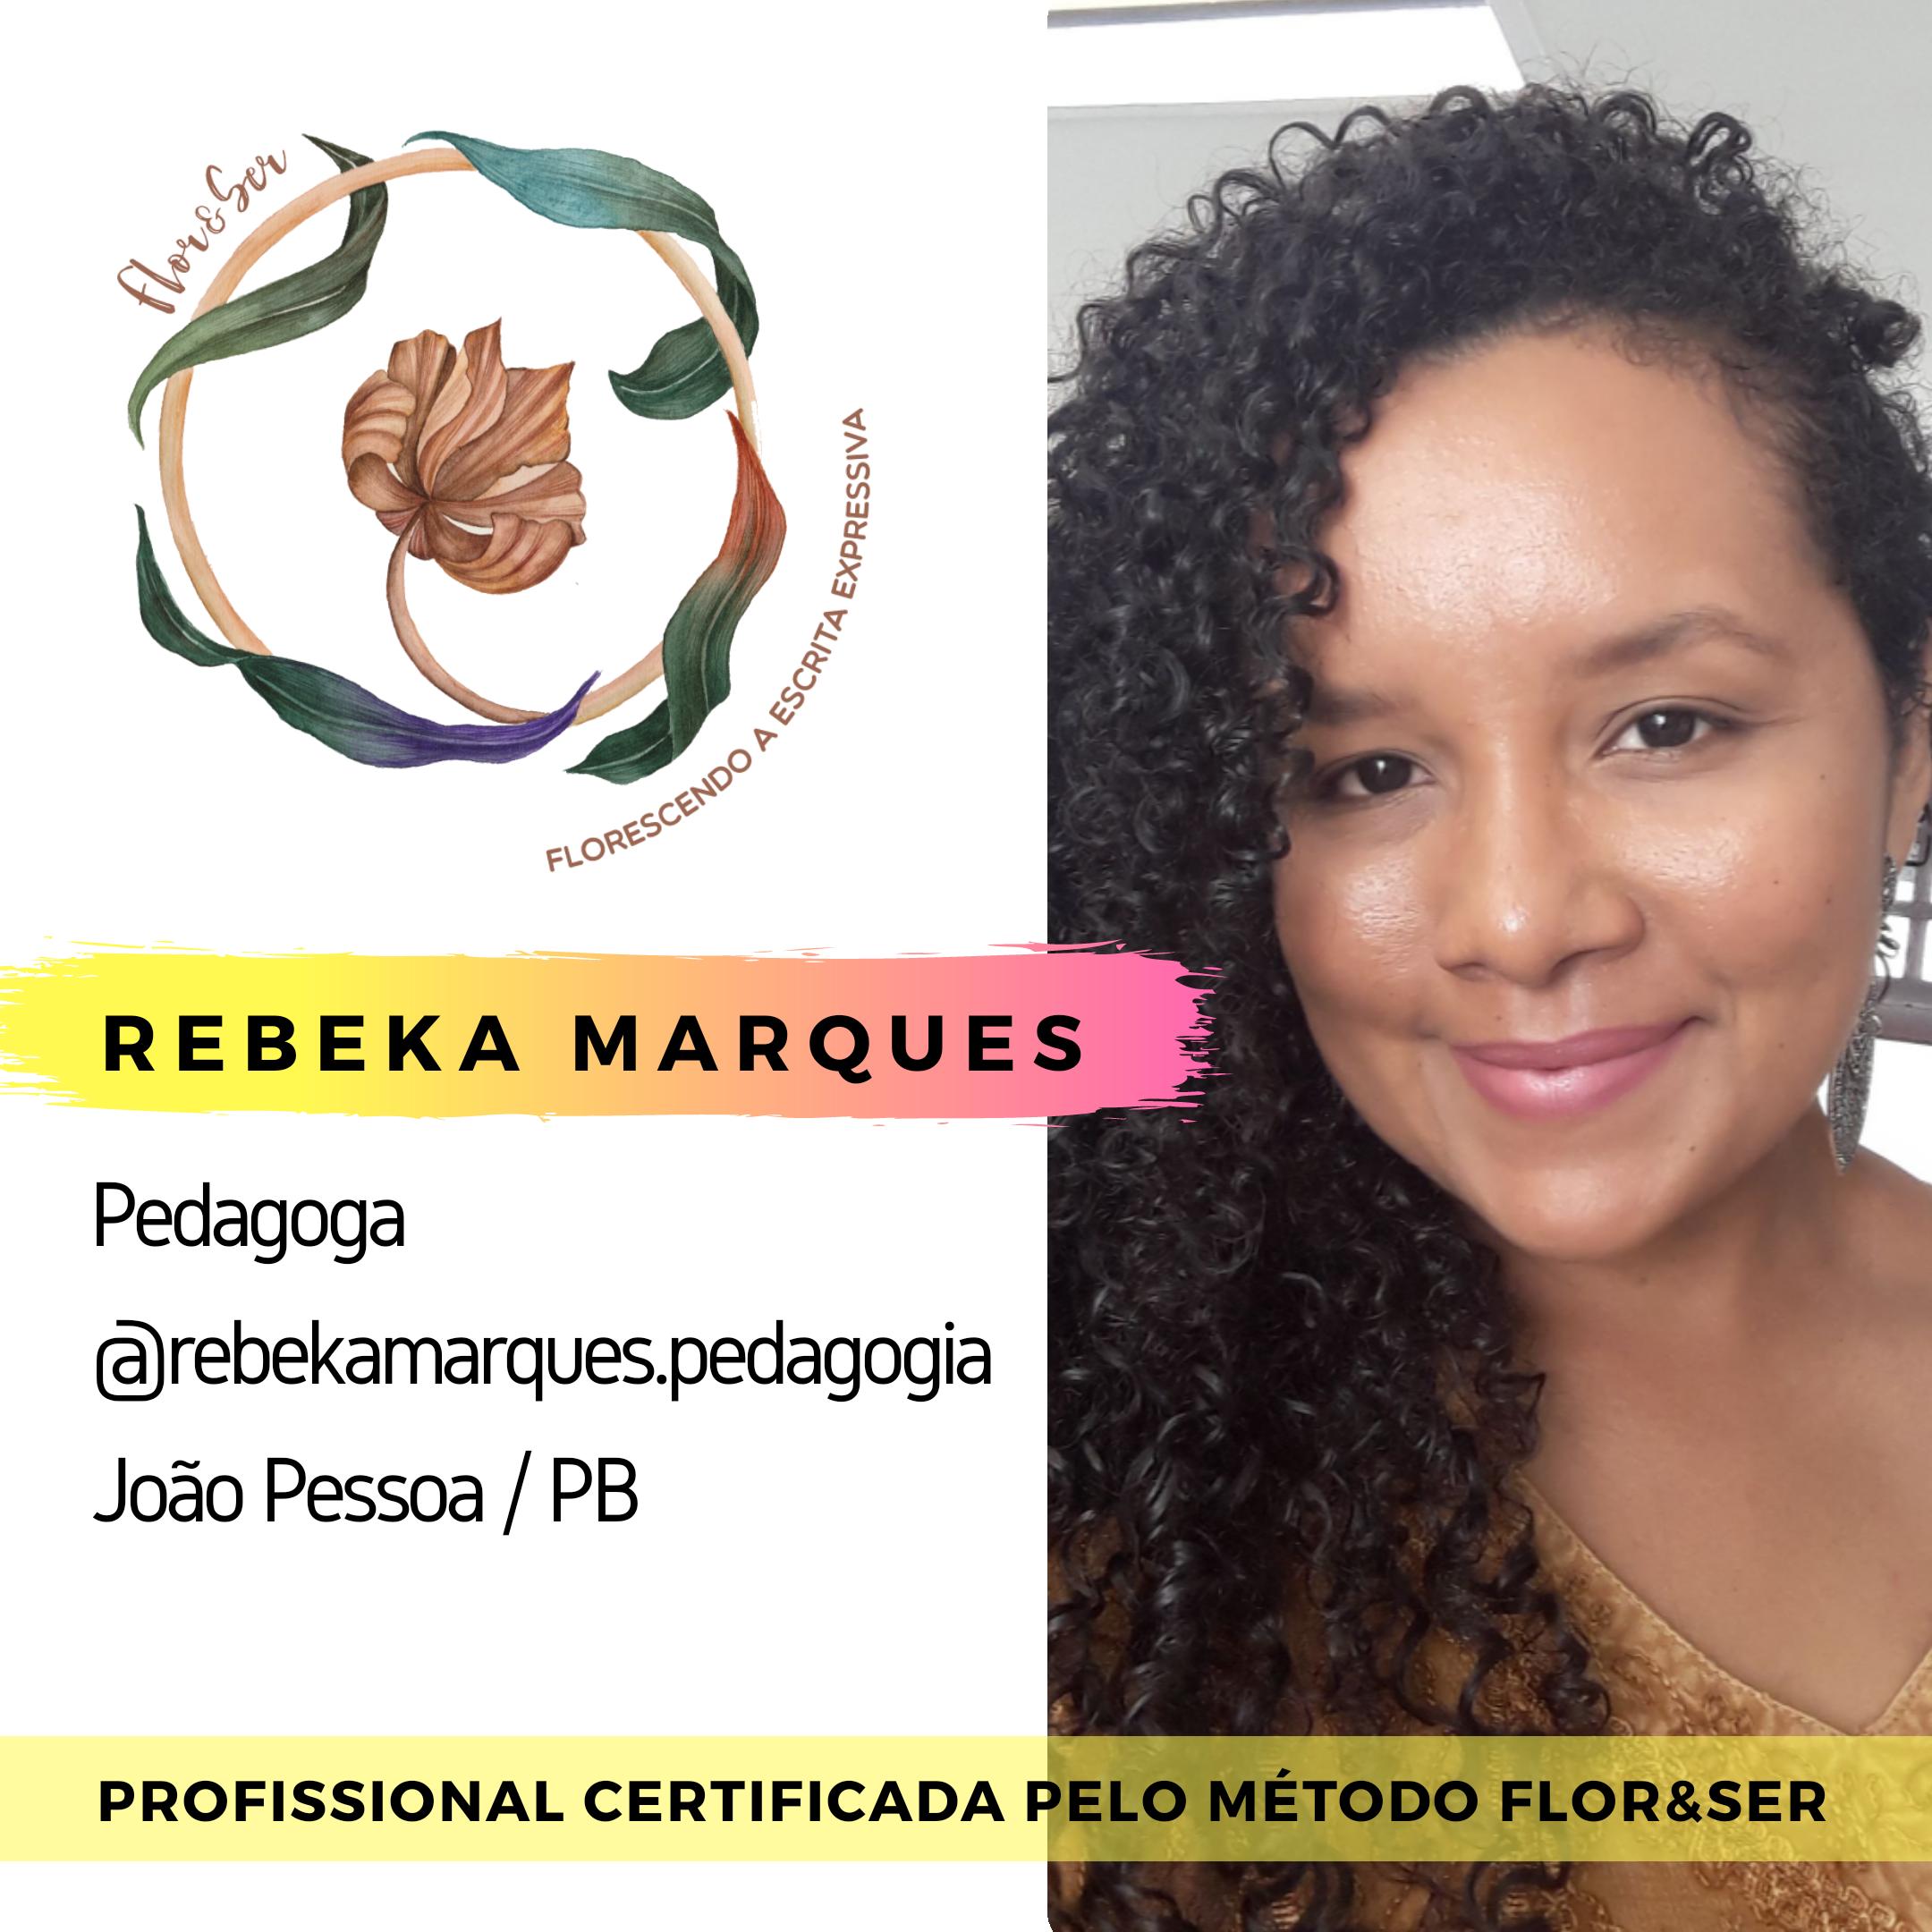 Rebeka Marques